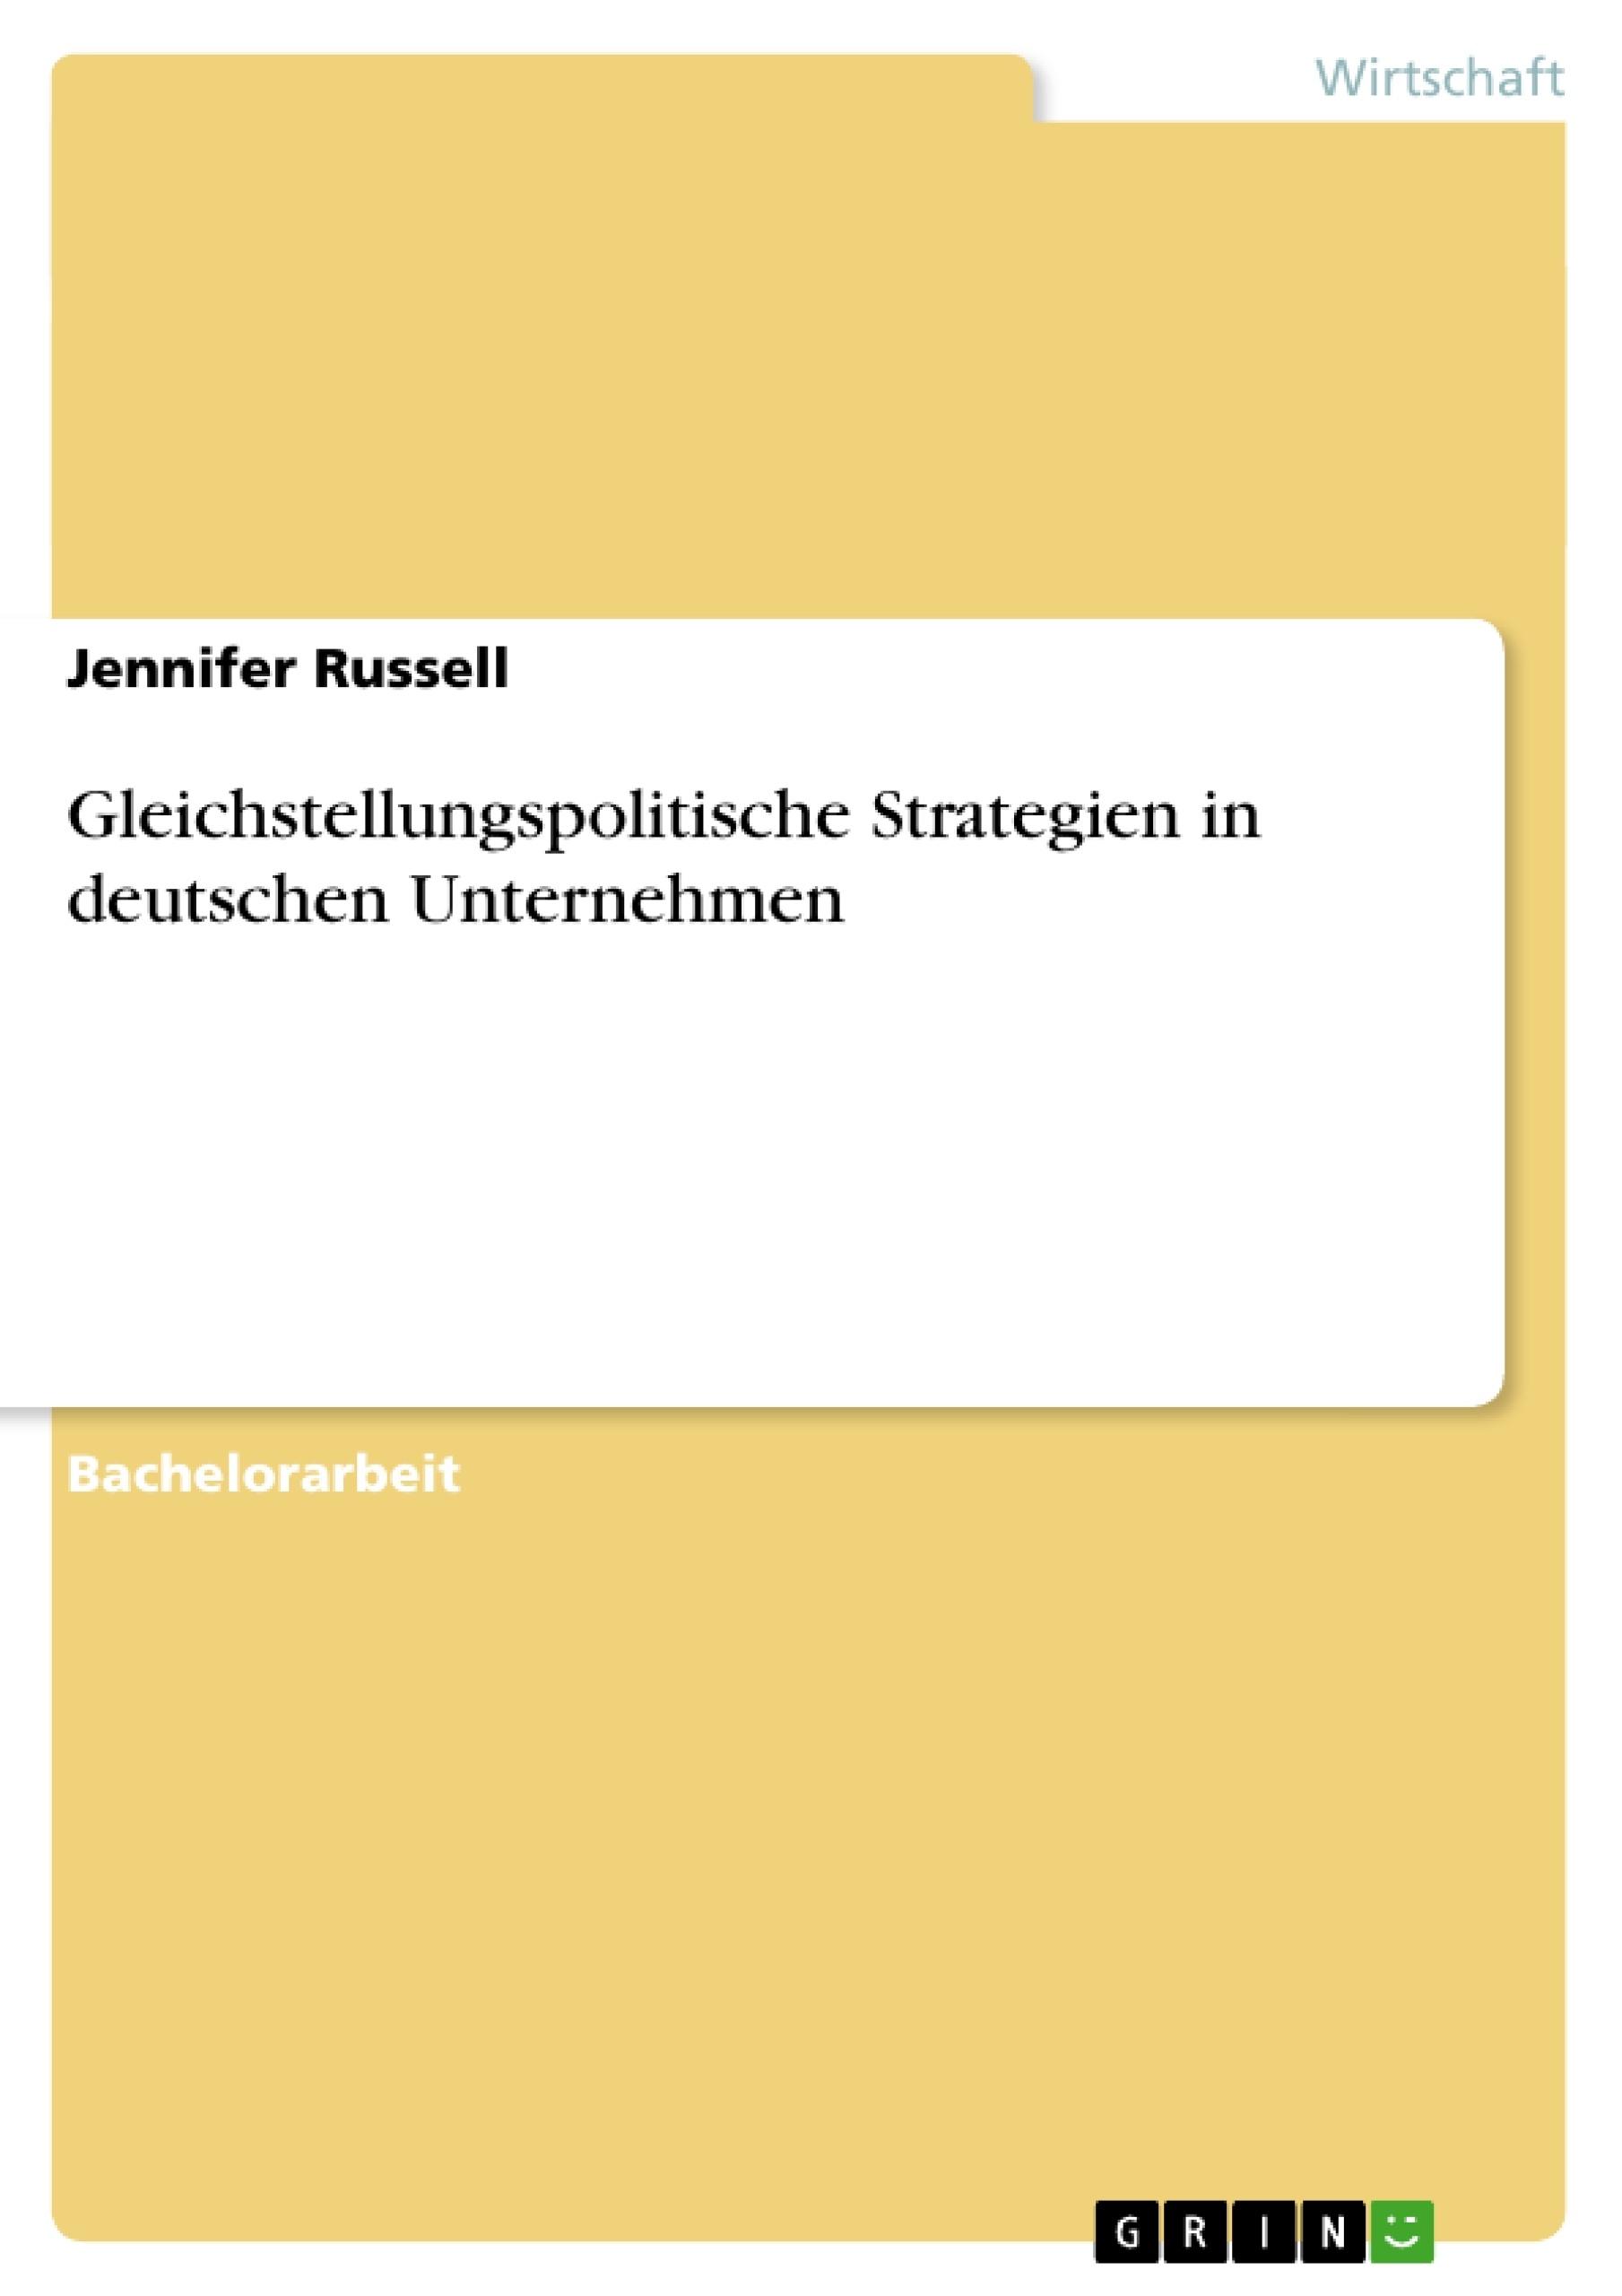 Titel: Gleichstellungspolitische Strategien in deutschen Unternehmen